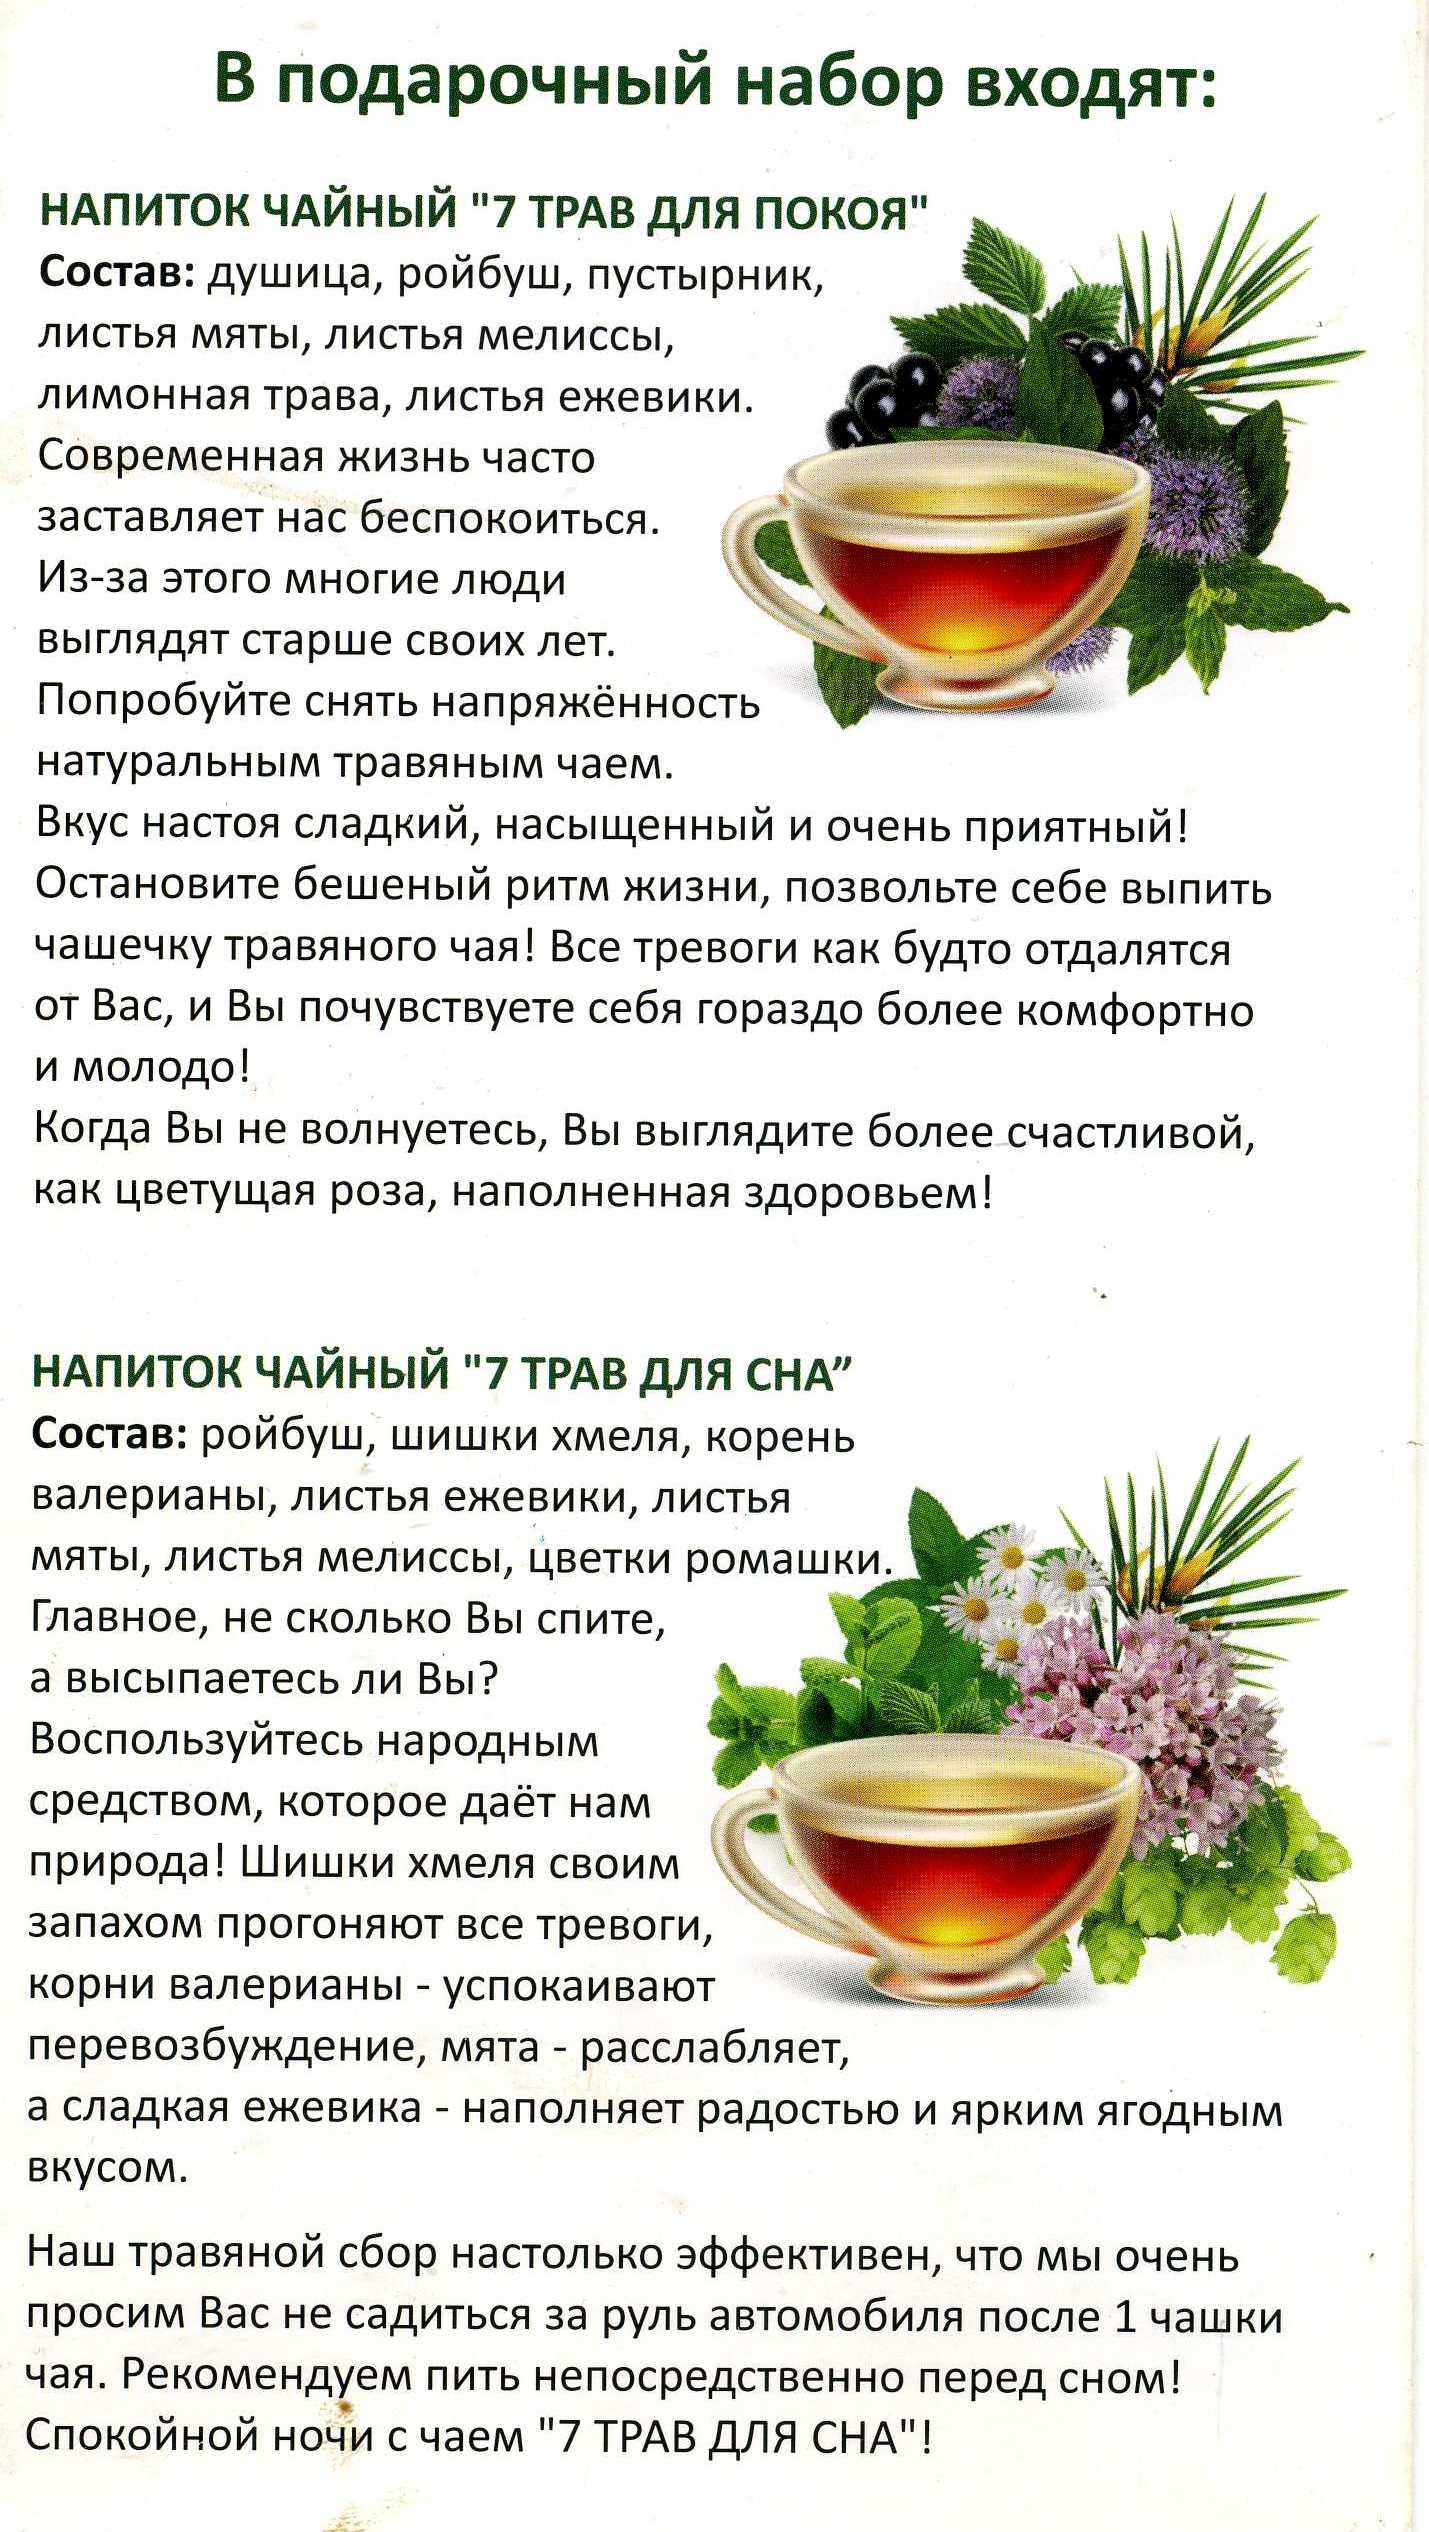 Стевия чай - напиток огромной целительной силы